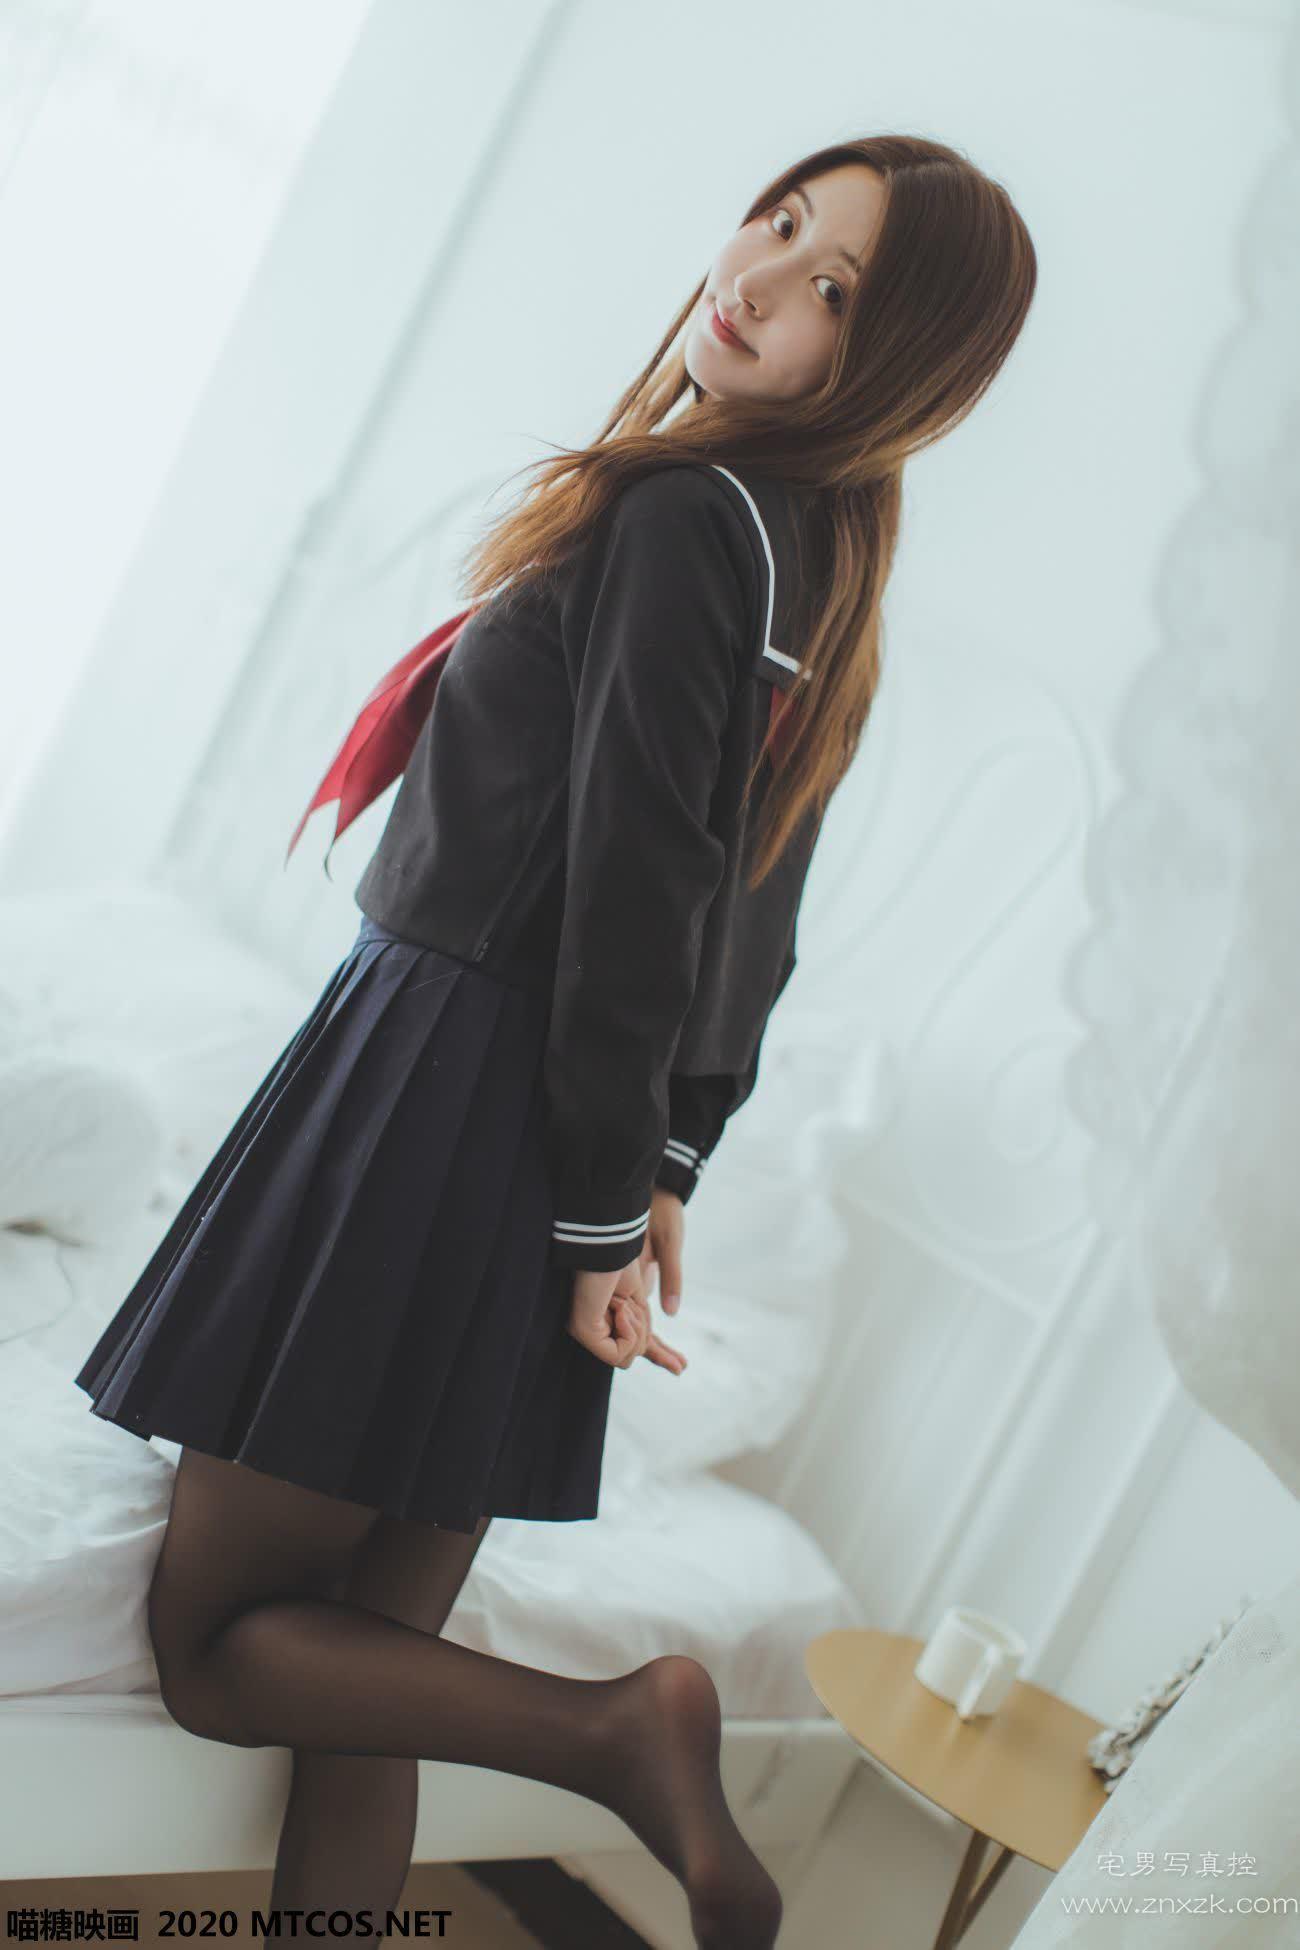 喵糖映画 JKL.002 黑色JK